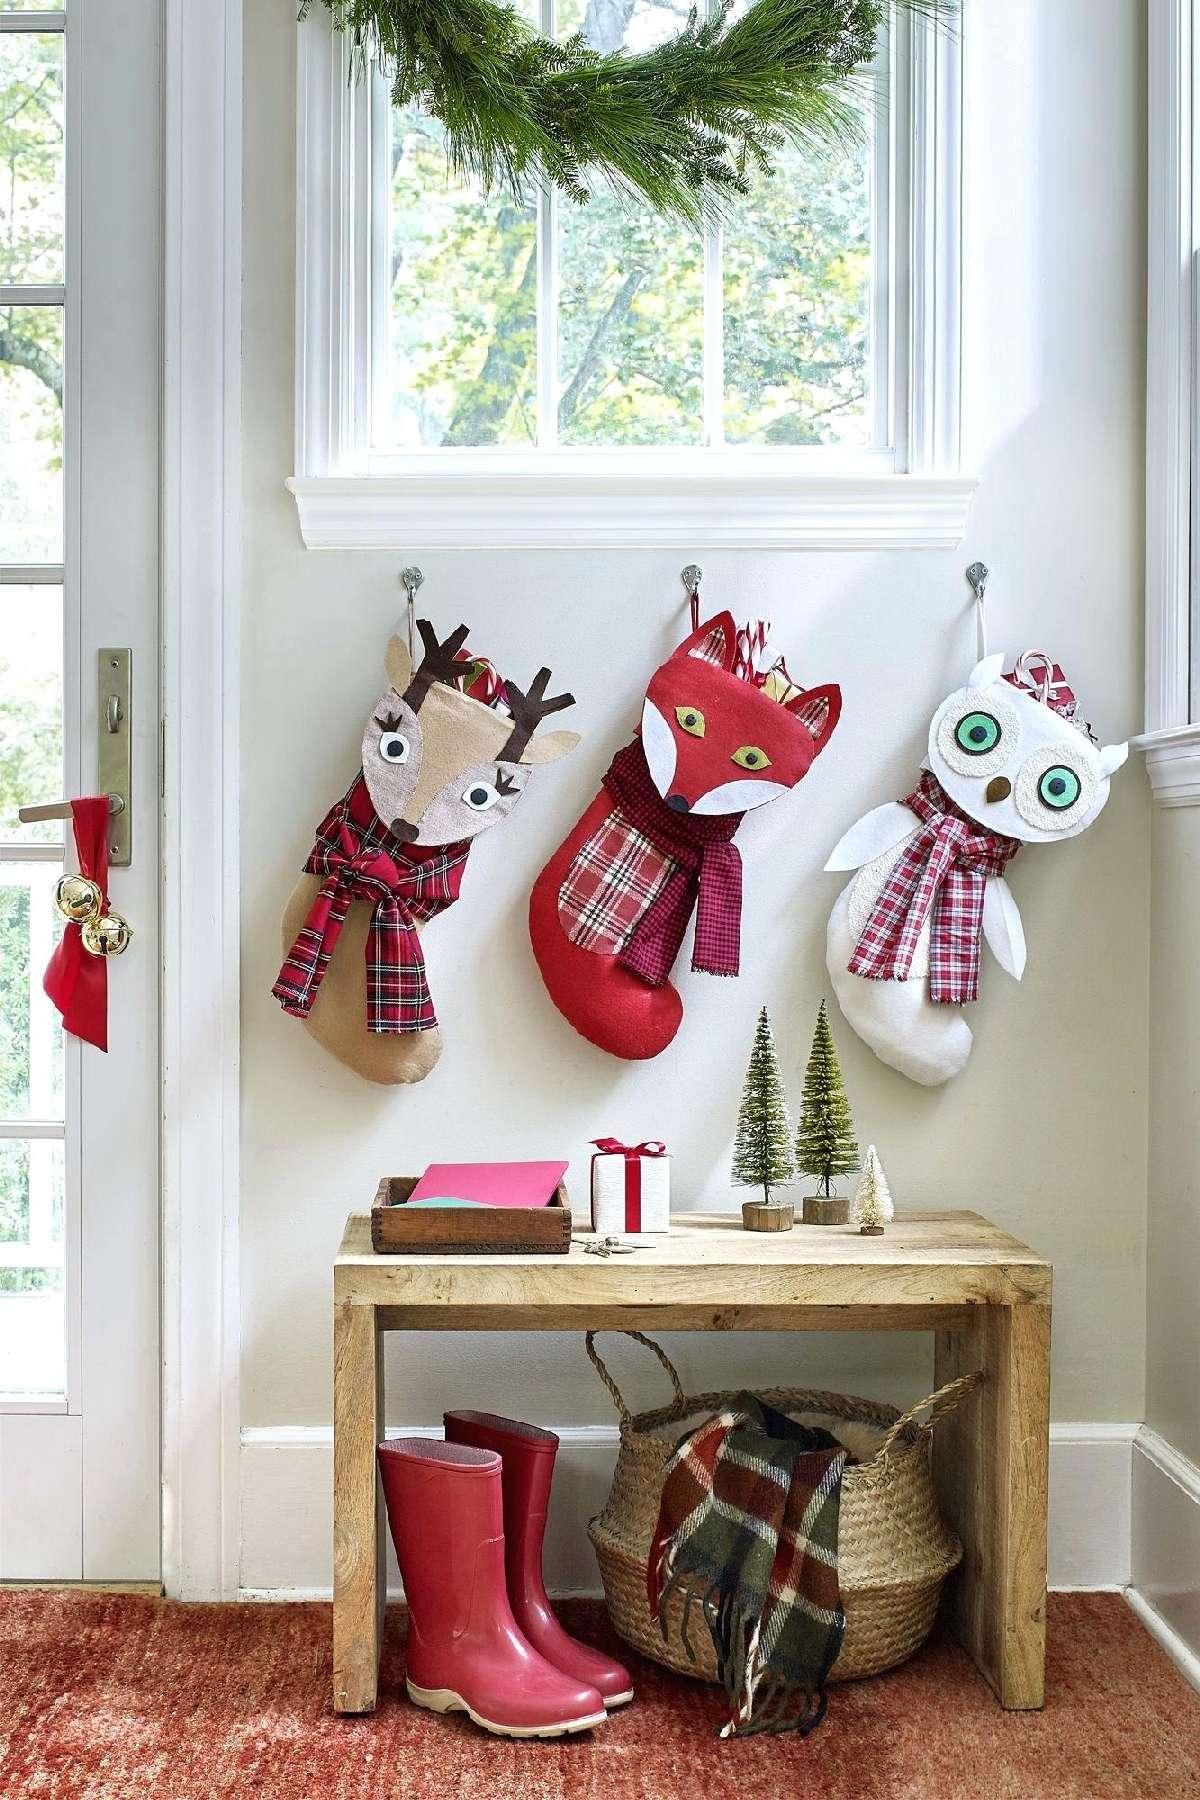 Originales manualidades para elaborar tus adornos navideños 3